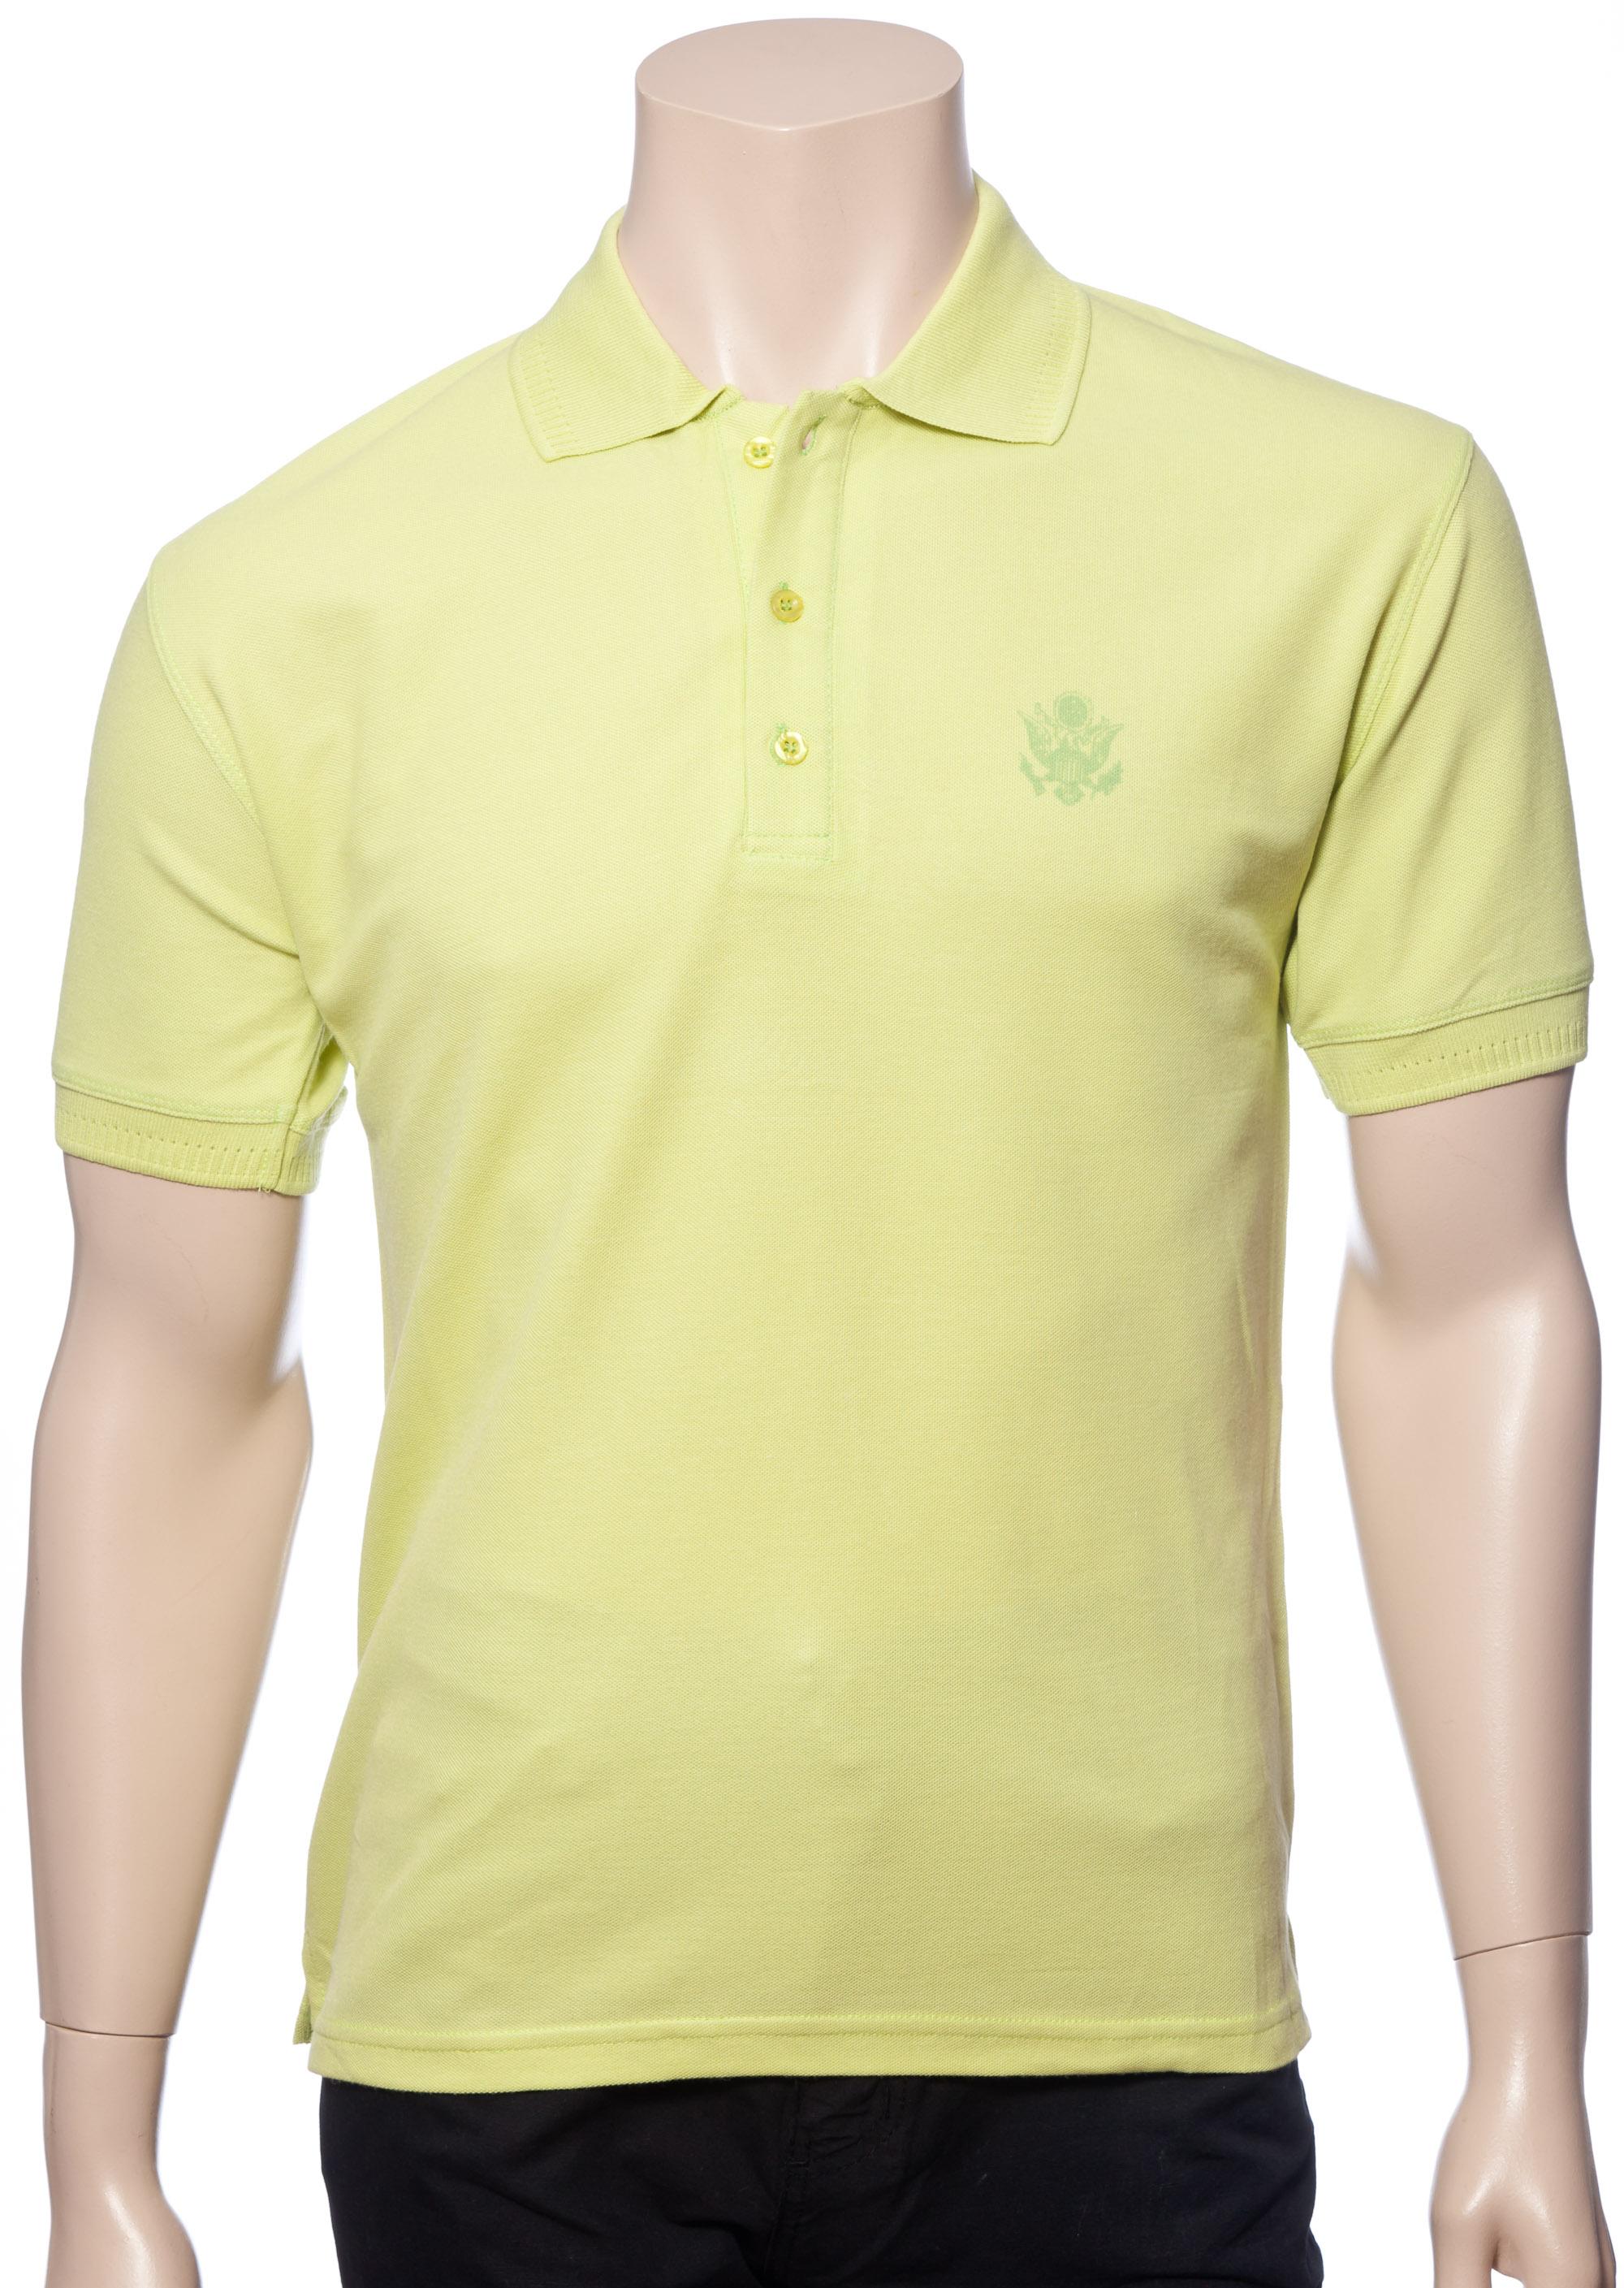 Купить модные и красивые мужские футболки. Качественная мужская одежда от производителя. Модные мужские шапки от